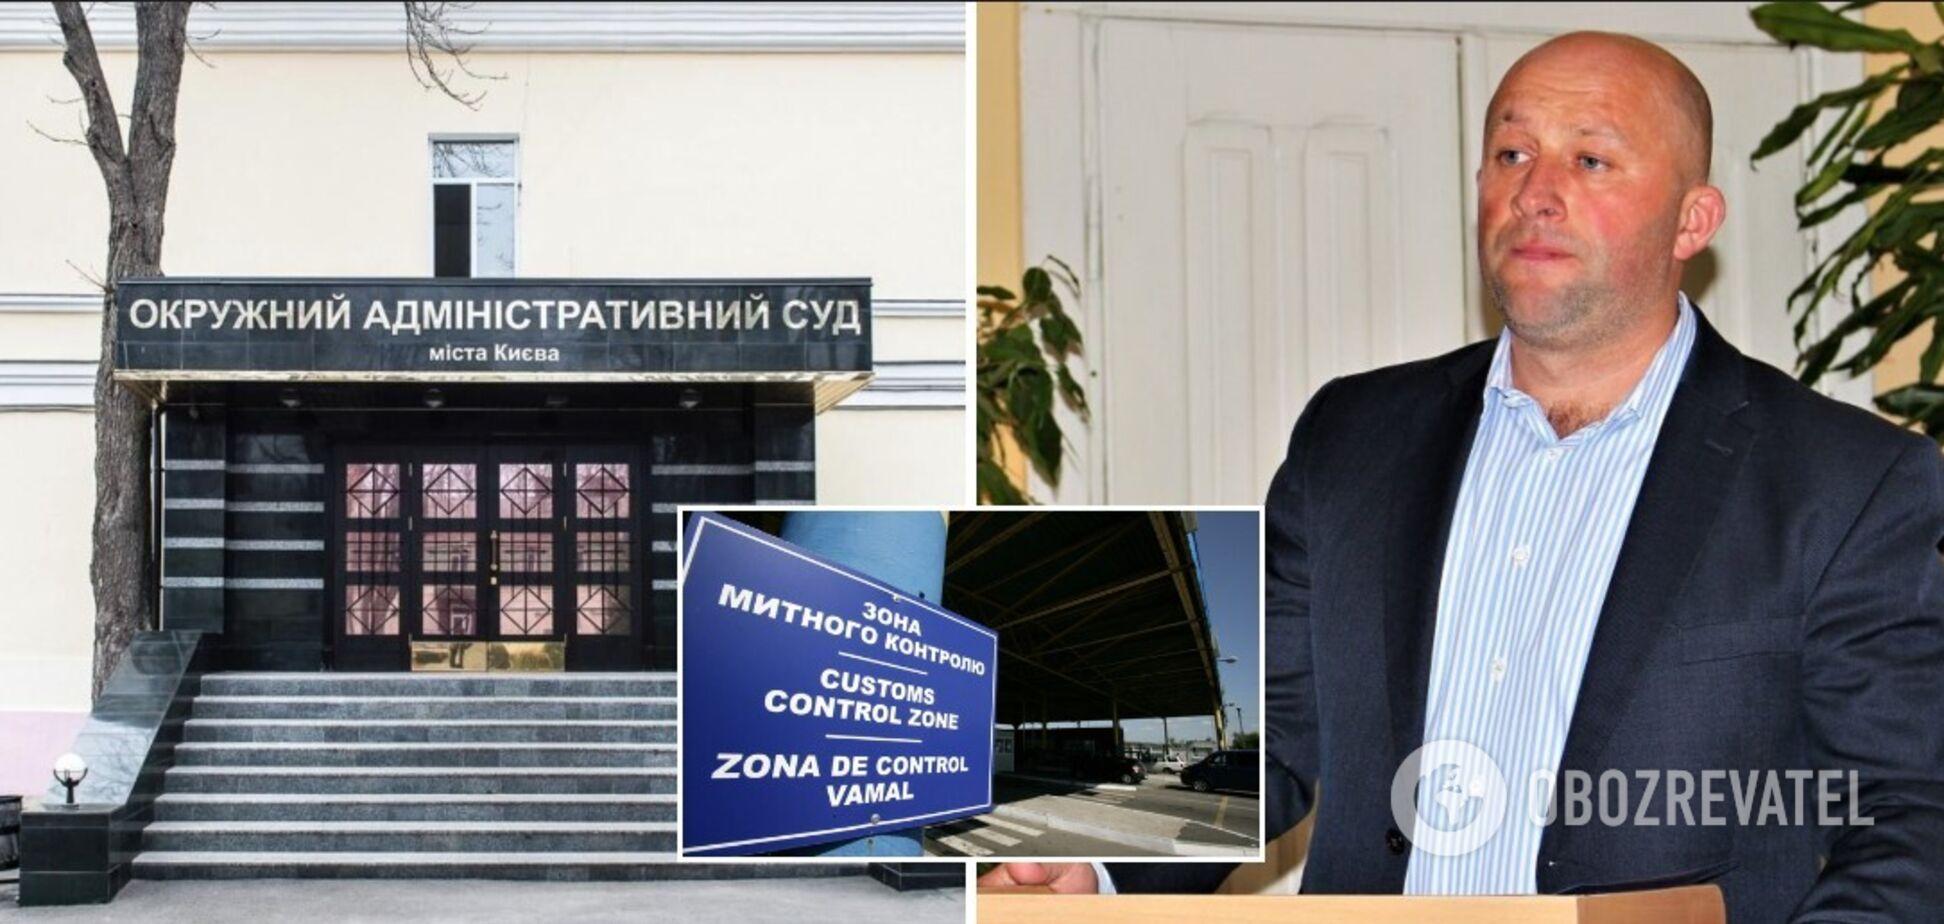 Цабак подав позов до Окружного адмінсуду Києва через своє відсторонення